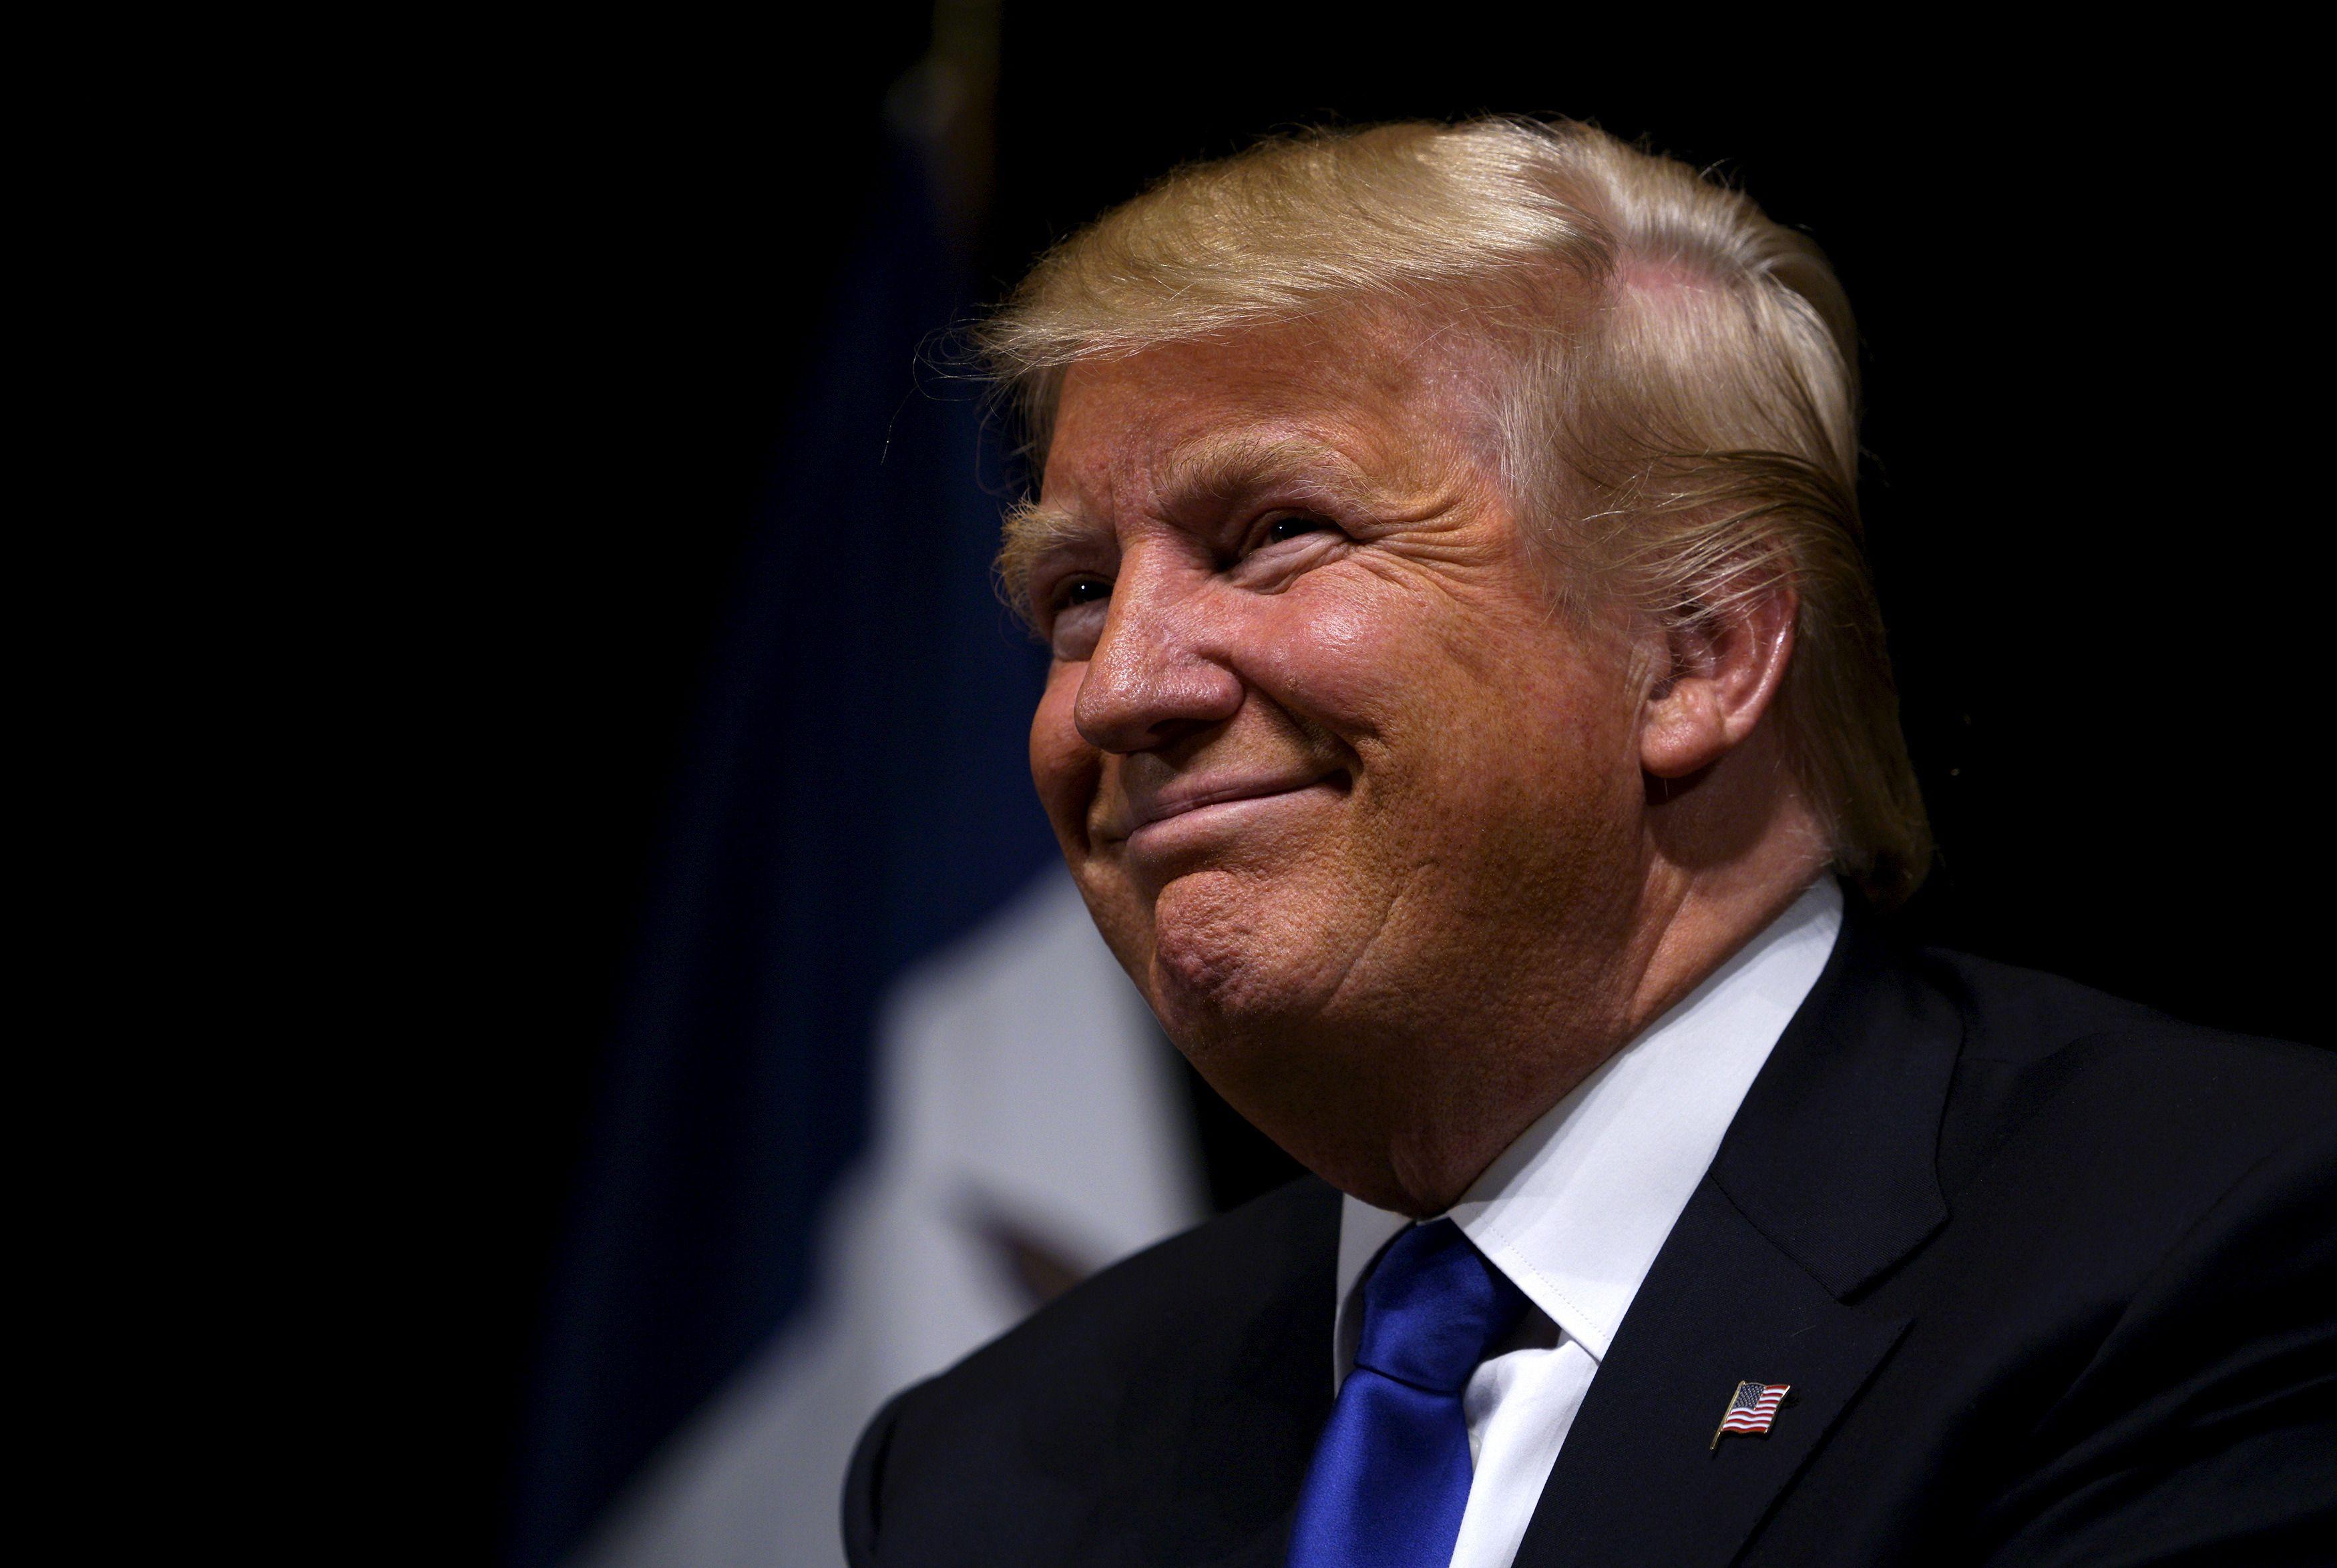 """""""L'Irak, une erreur gravissime"""" : comment Donald Trump bouleverse l'ADN des Républicains en assumant sa rupture avec les néoconservateurs"""